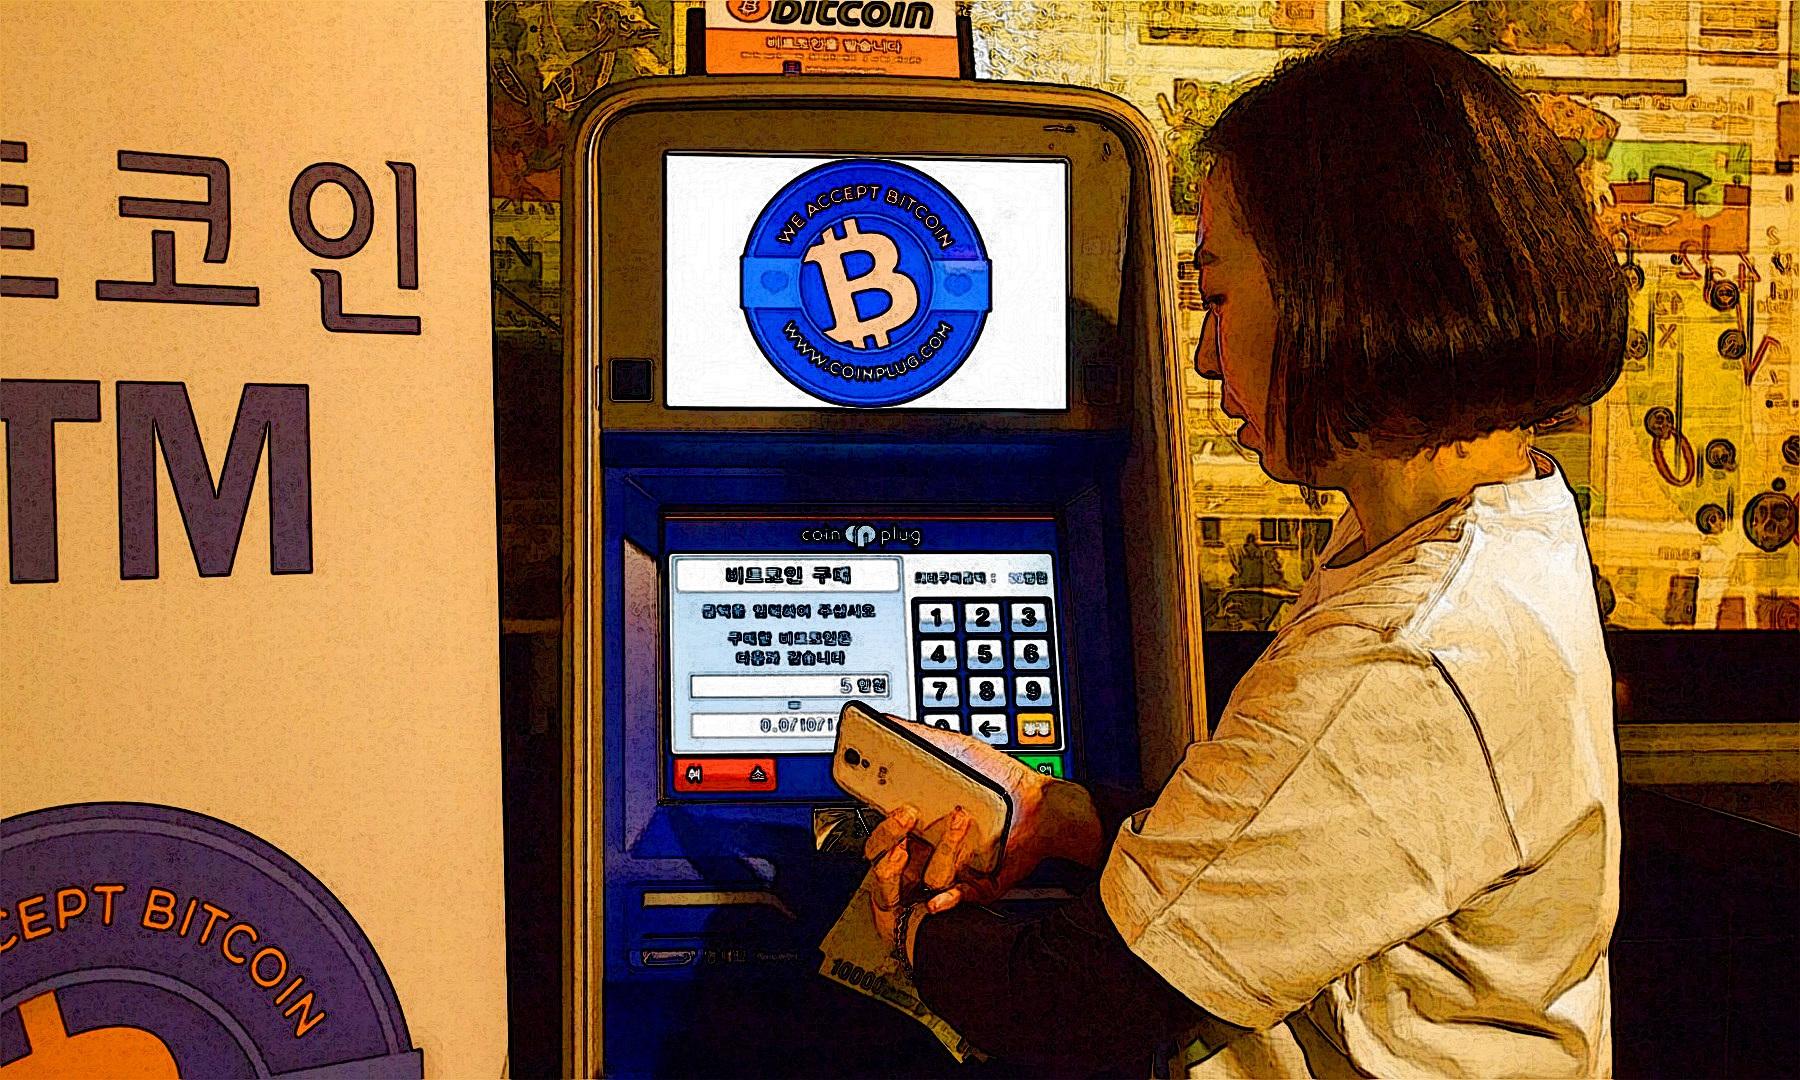 Avusturalya'da ki Bitcoin Atm leri Haftada 360.000$ Kazandırıyor